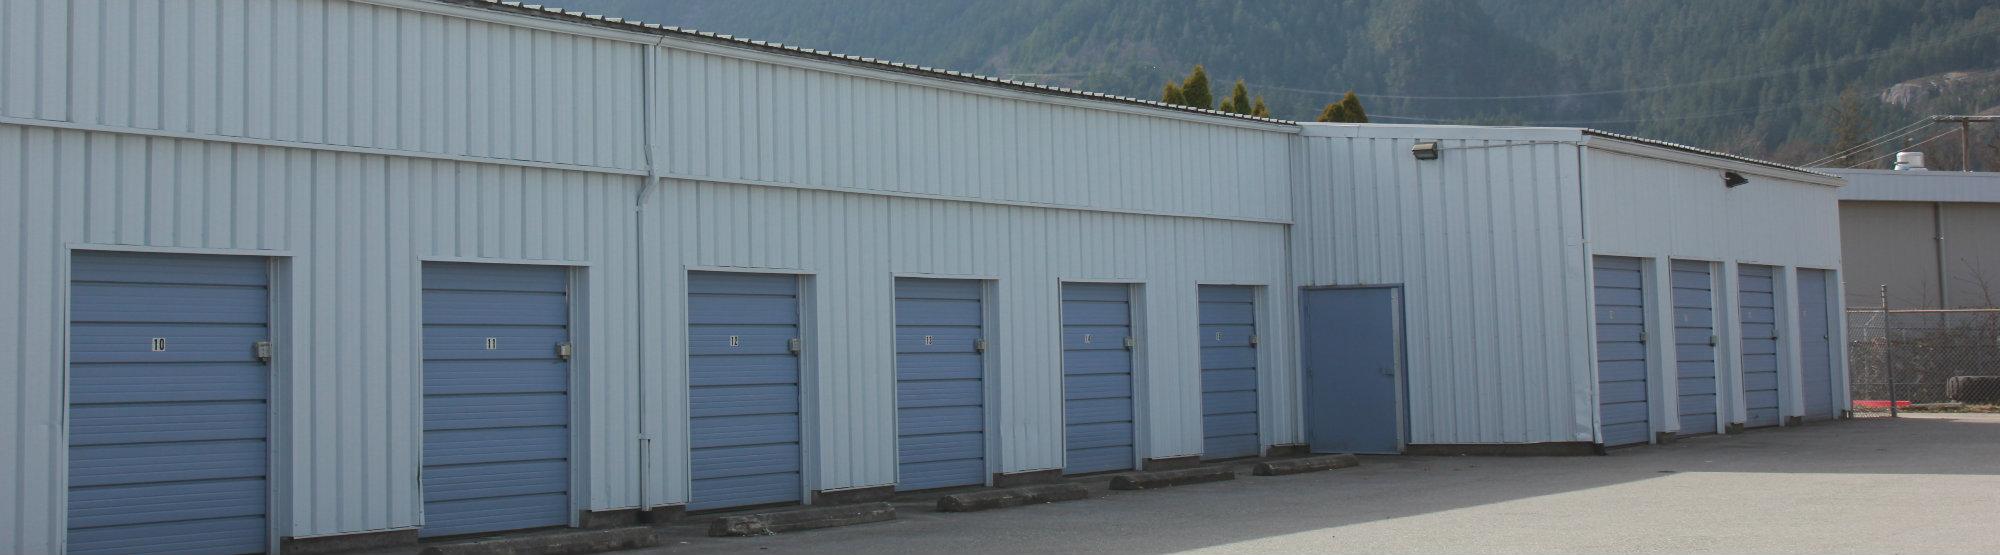 Garibaldi Storage